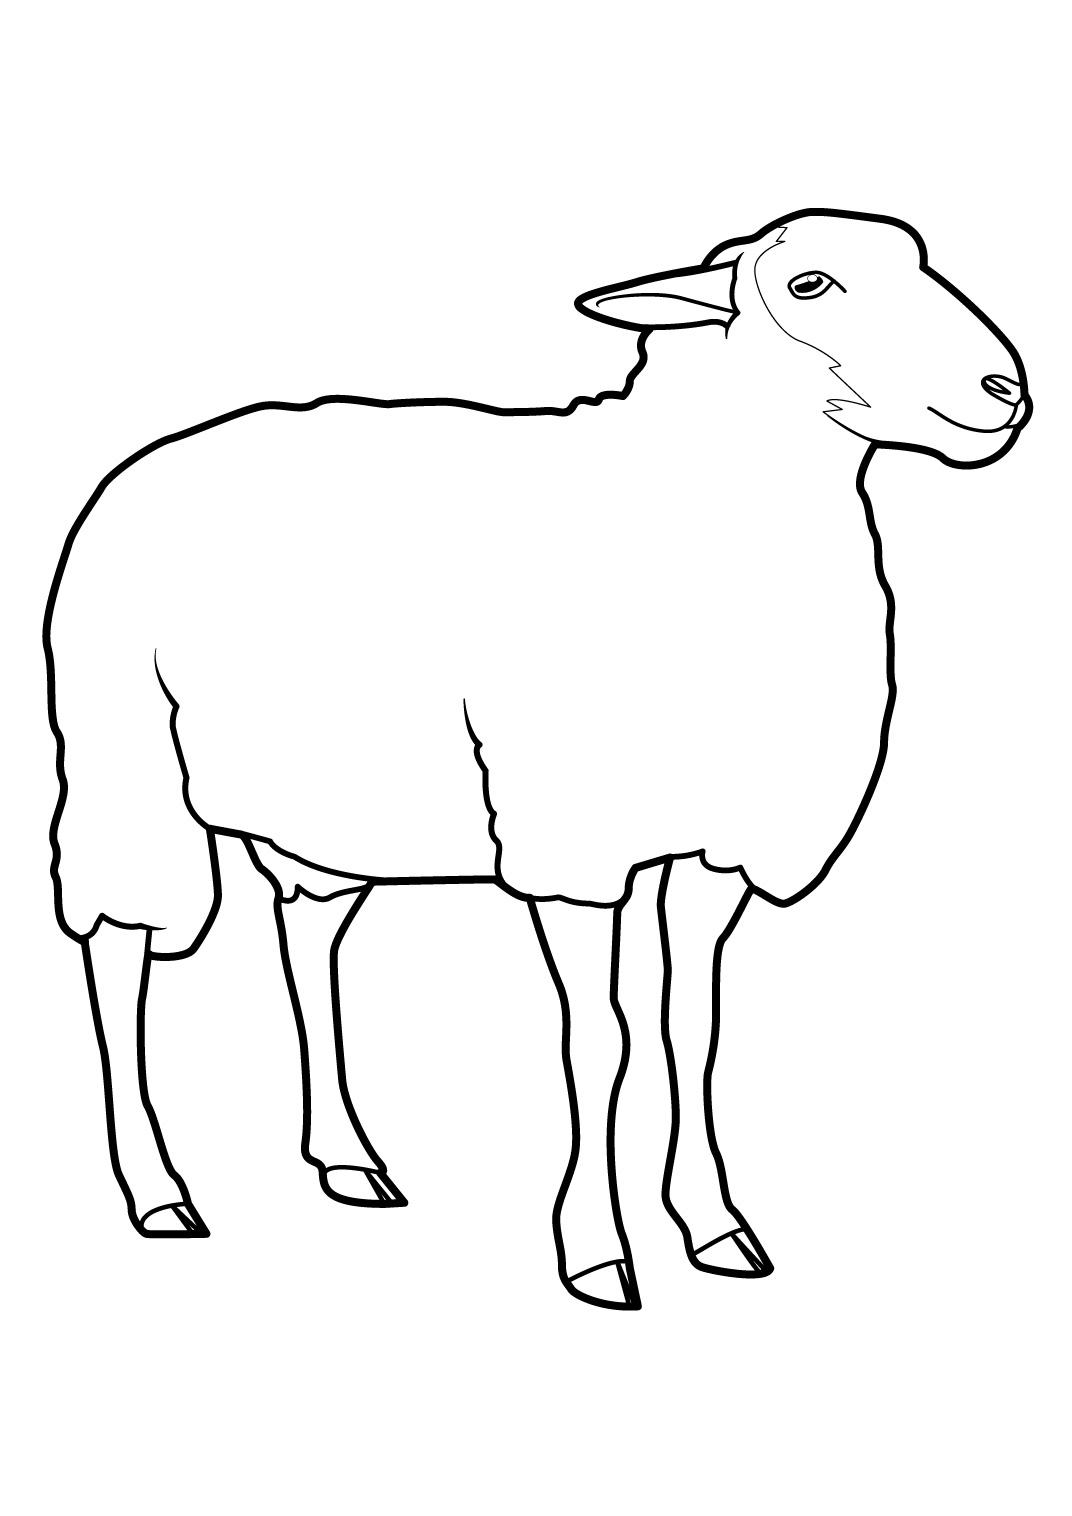 dessin shaun le mouton en ligne